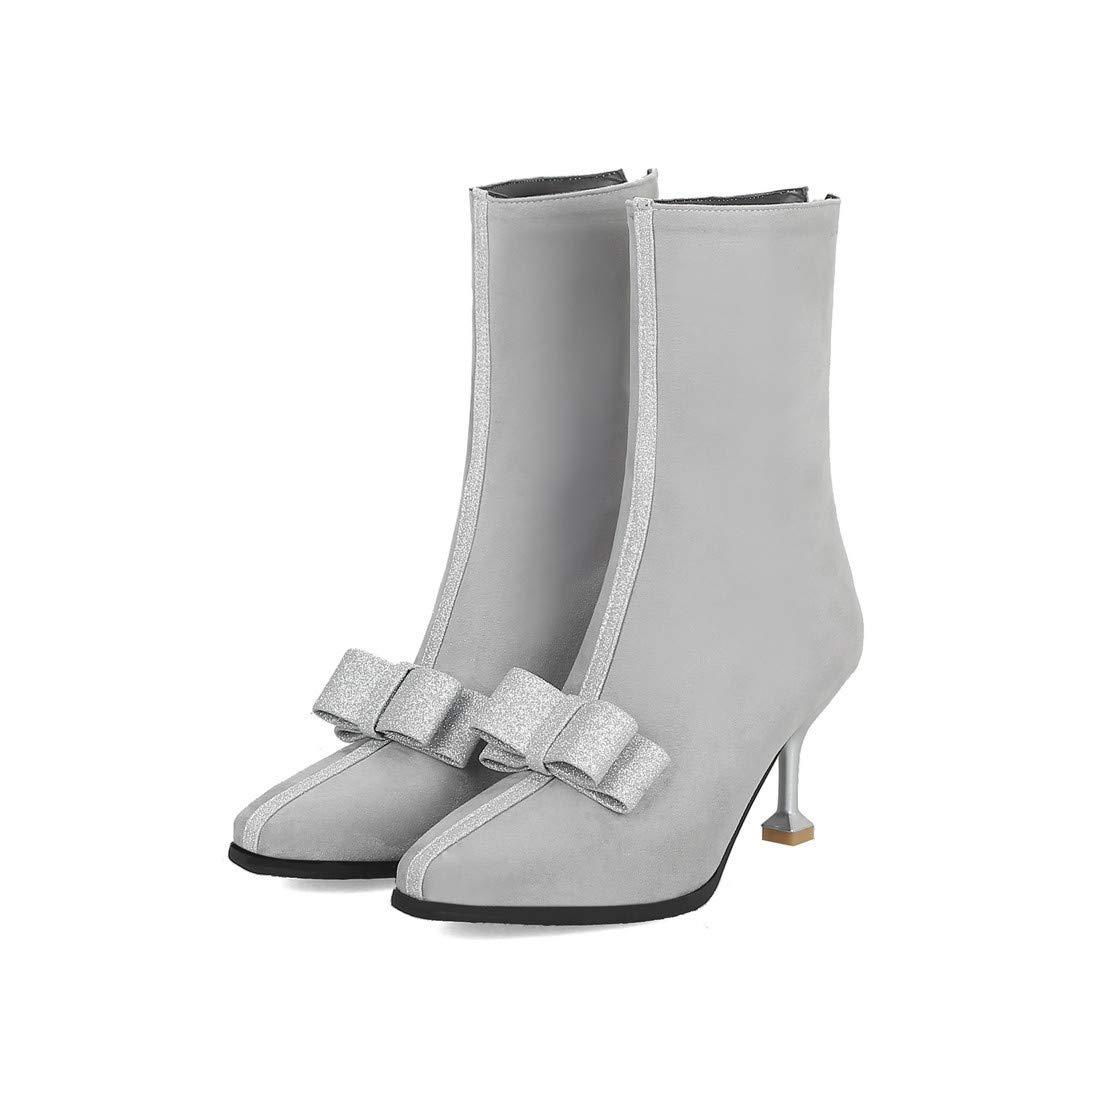 Stivali Stivali Stivali da Donna  Scarpe alla Moda per Donna   Stivali di Grandi Dimensioni con Fiocco a Testa Quadrata 0364ae